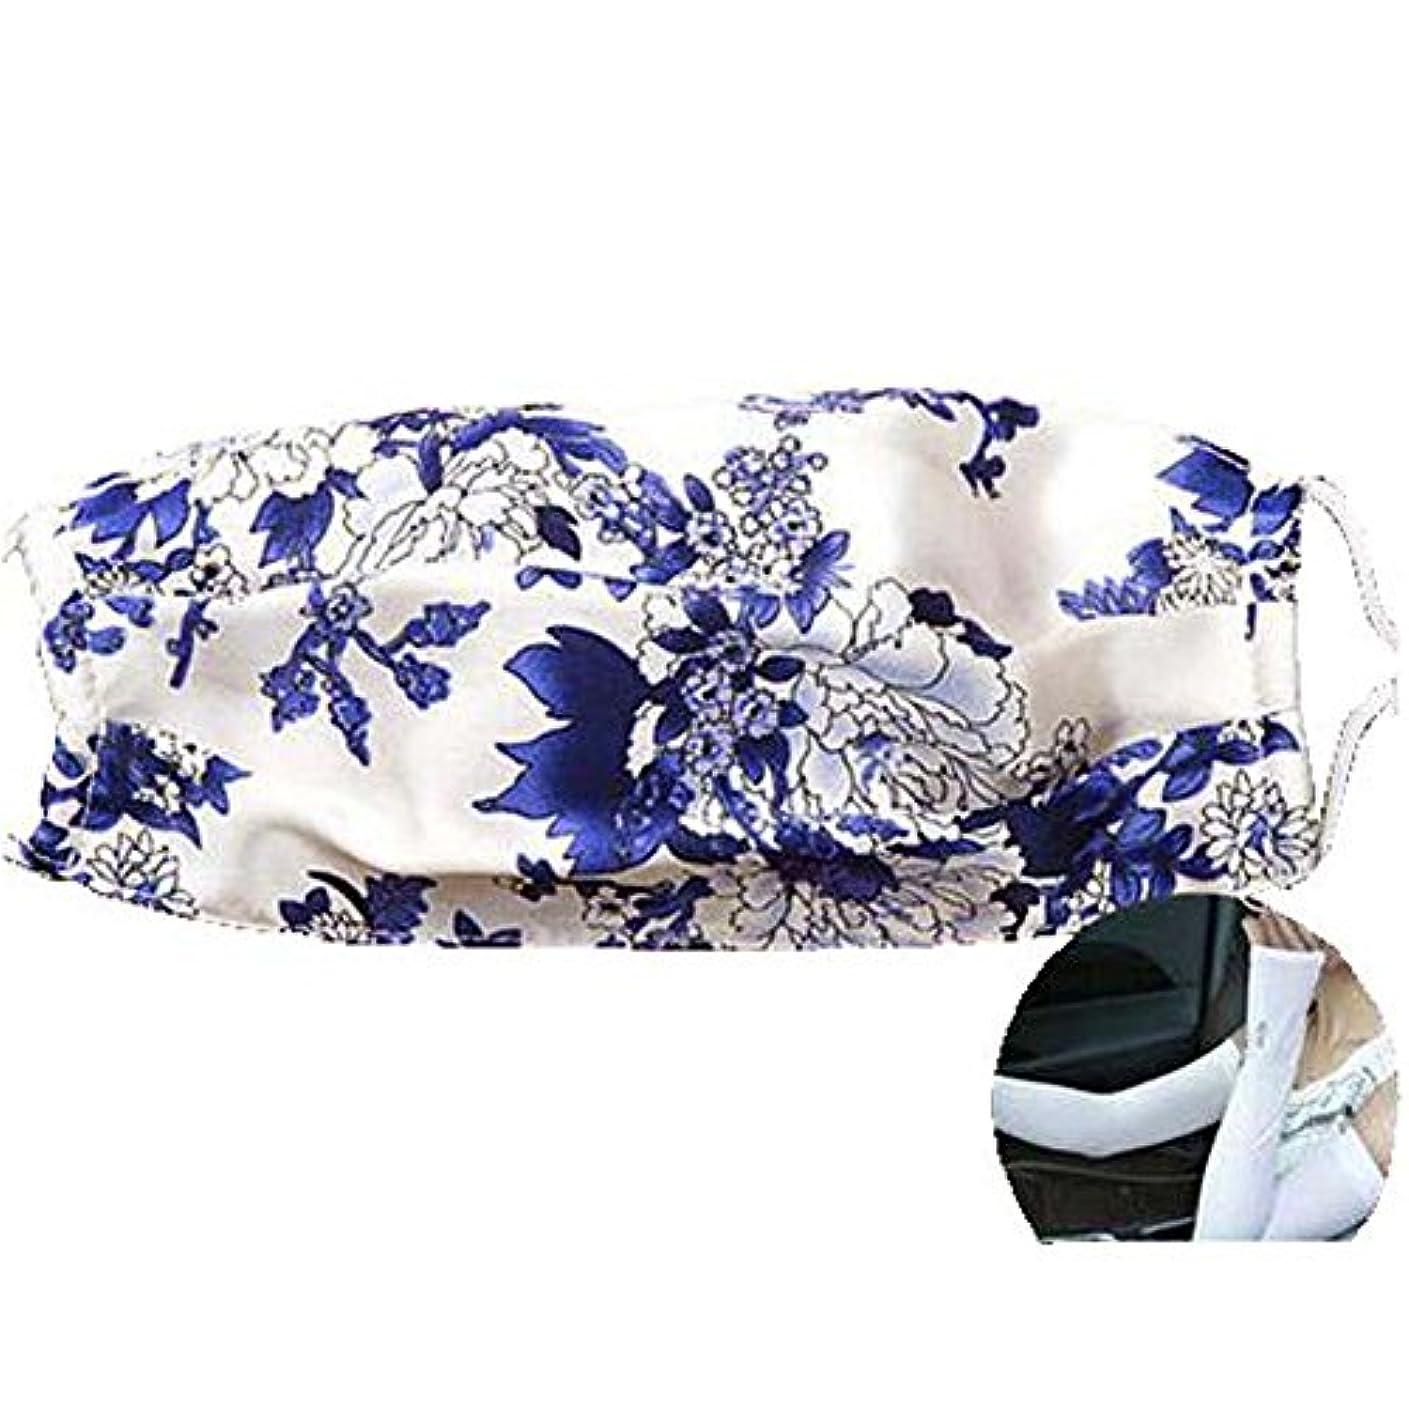 衛星ビジュアル専門化する再使用可能な洗えるシルクダストマスク、流行マスク、シルクアームスリーブ